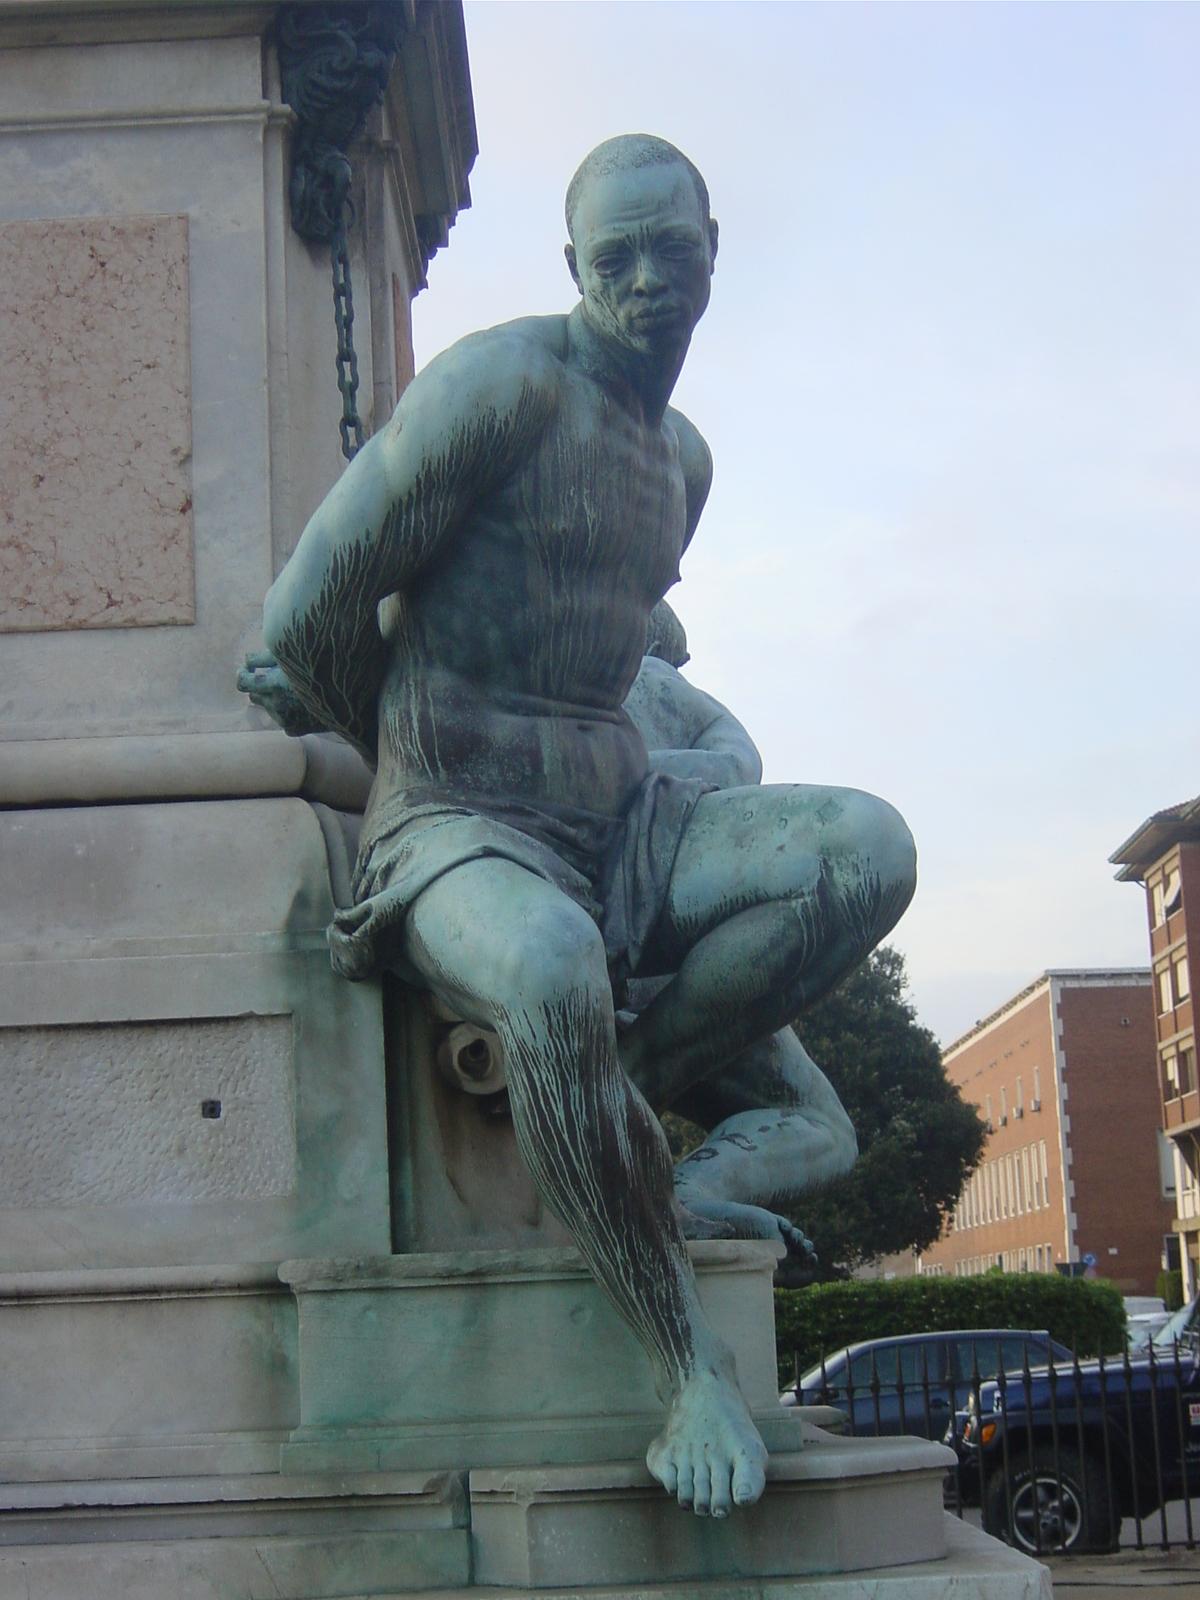 IMAGES DE L'ESCLAVAGE ET DE LA TRAITE NEGRIERE Livorno%2C_Monumento_dei_quattro_mori_a_Ferdinando_II_%281626%29_-_Foto_Giovanni_Dall%27Orto%2C_13-4-2006_03